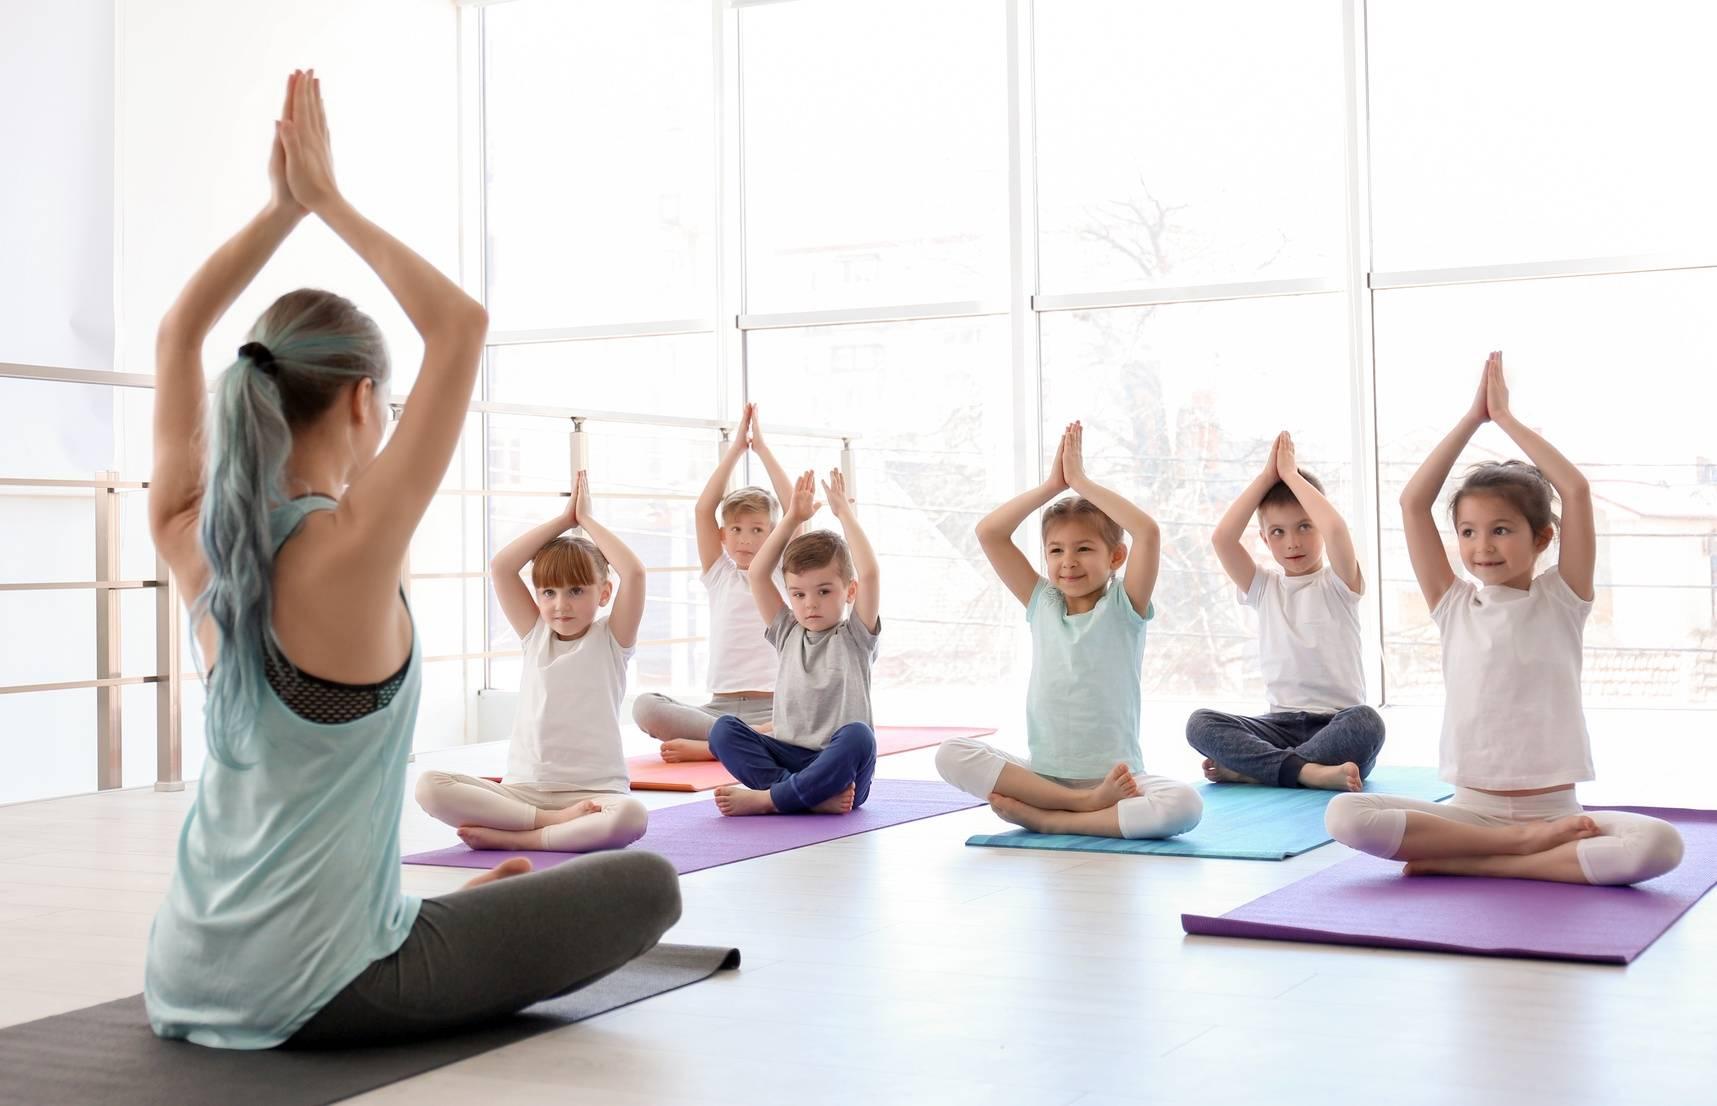 Dzieci ćwiczą jogę - dieta dla aktywnego dziecka.